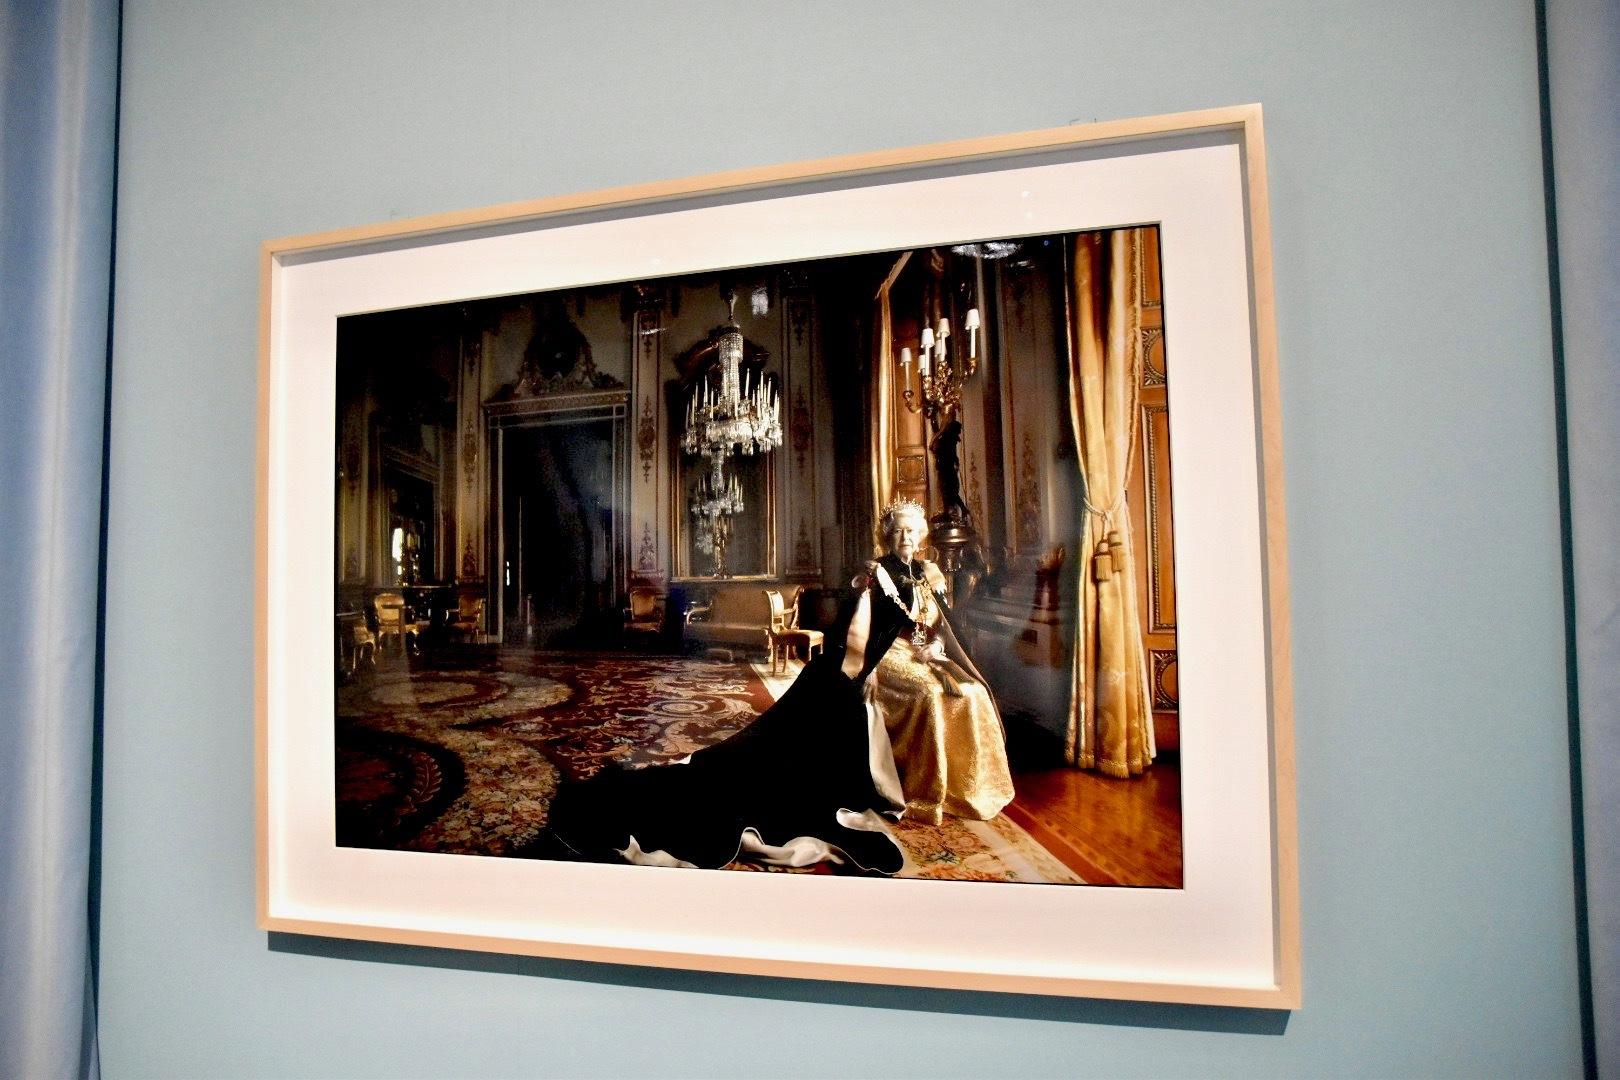 アニー・レイボヴィッツ撮影《エリザベス2世》2007年撮影